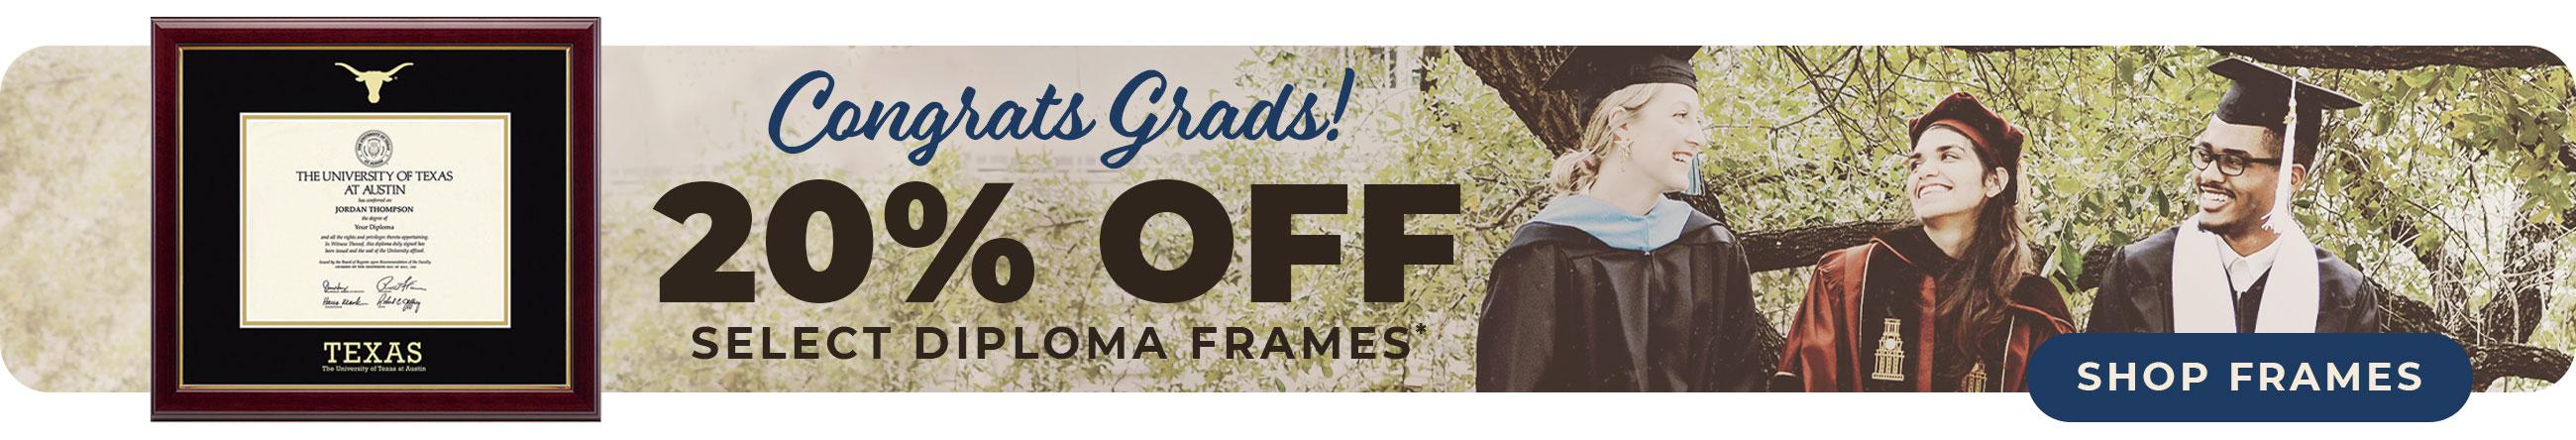 Save 20% on select Diploma Frames